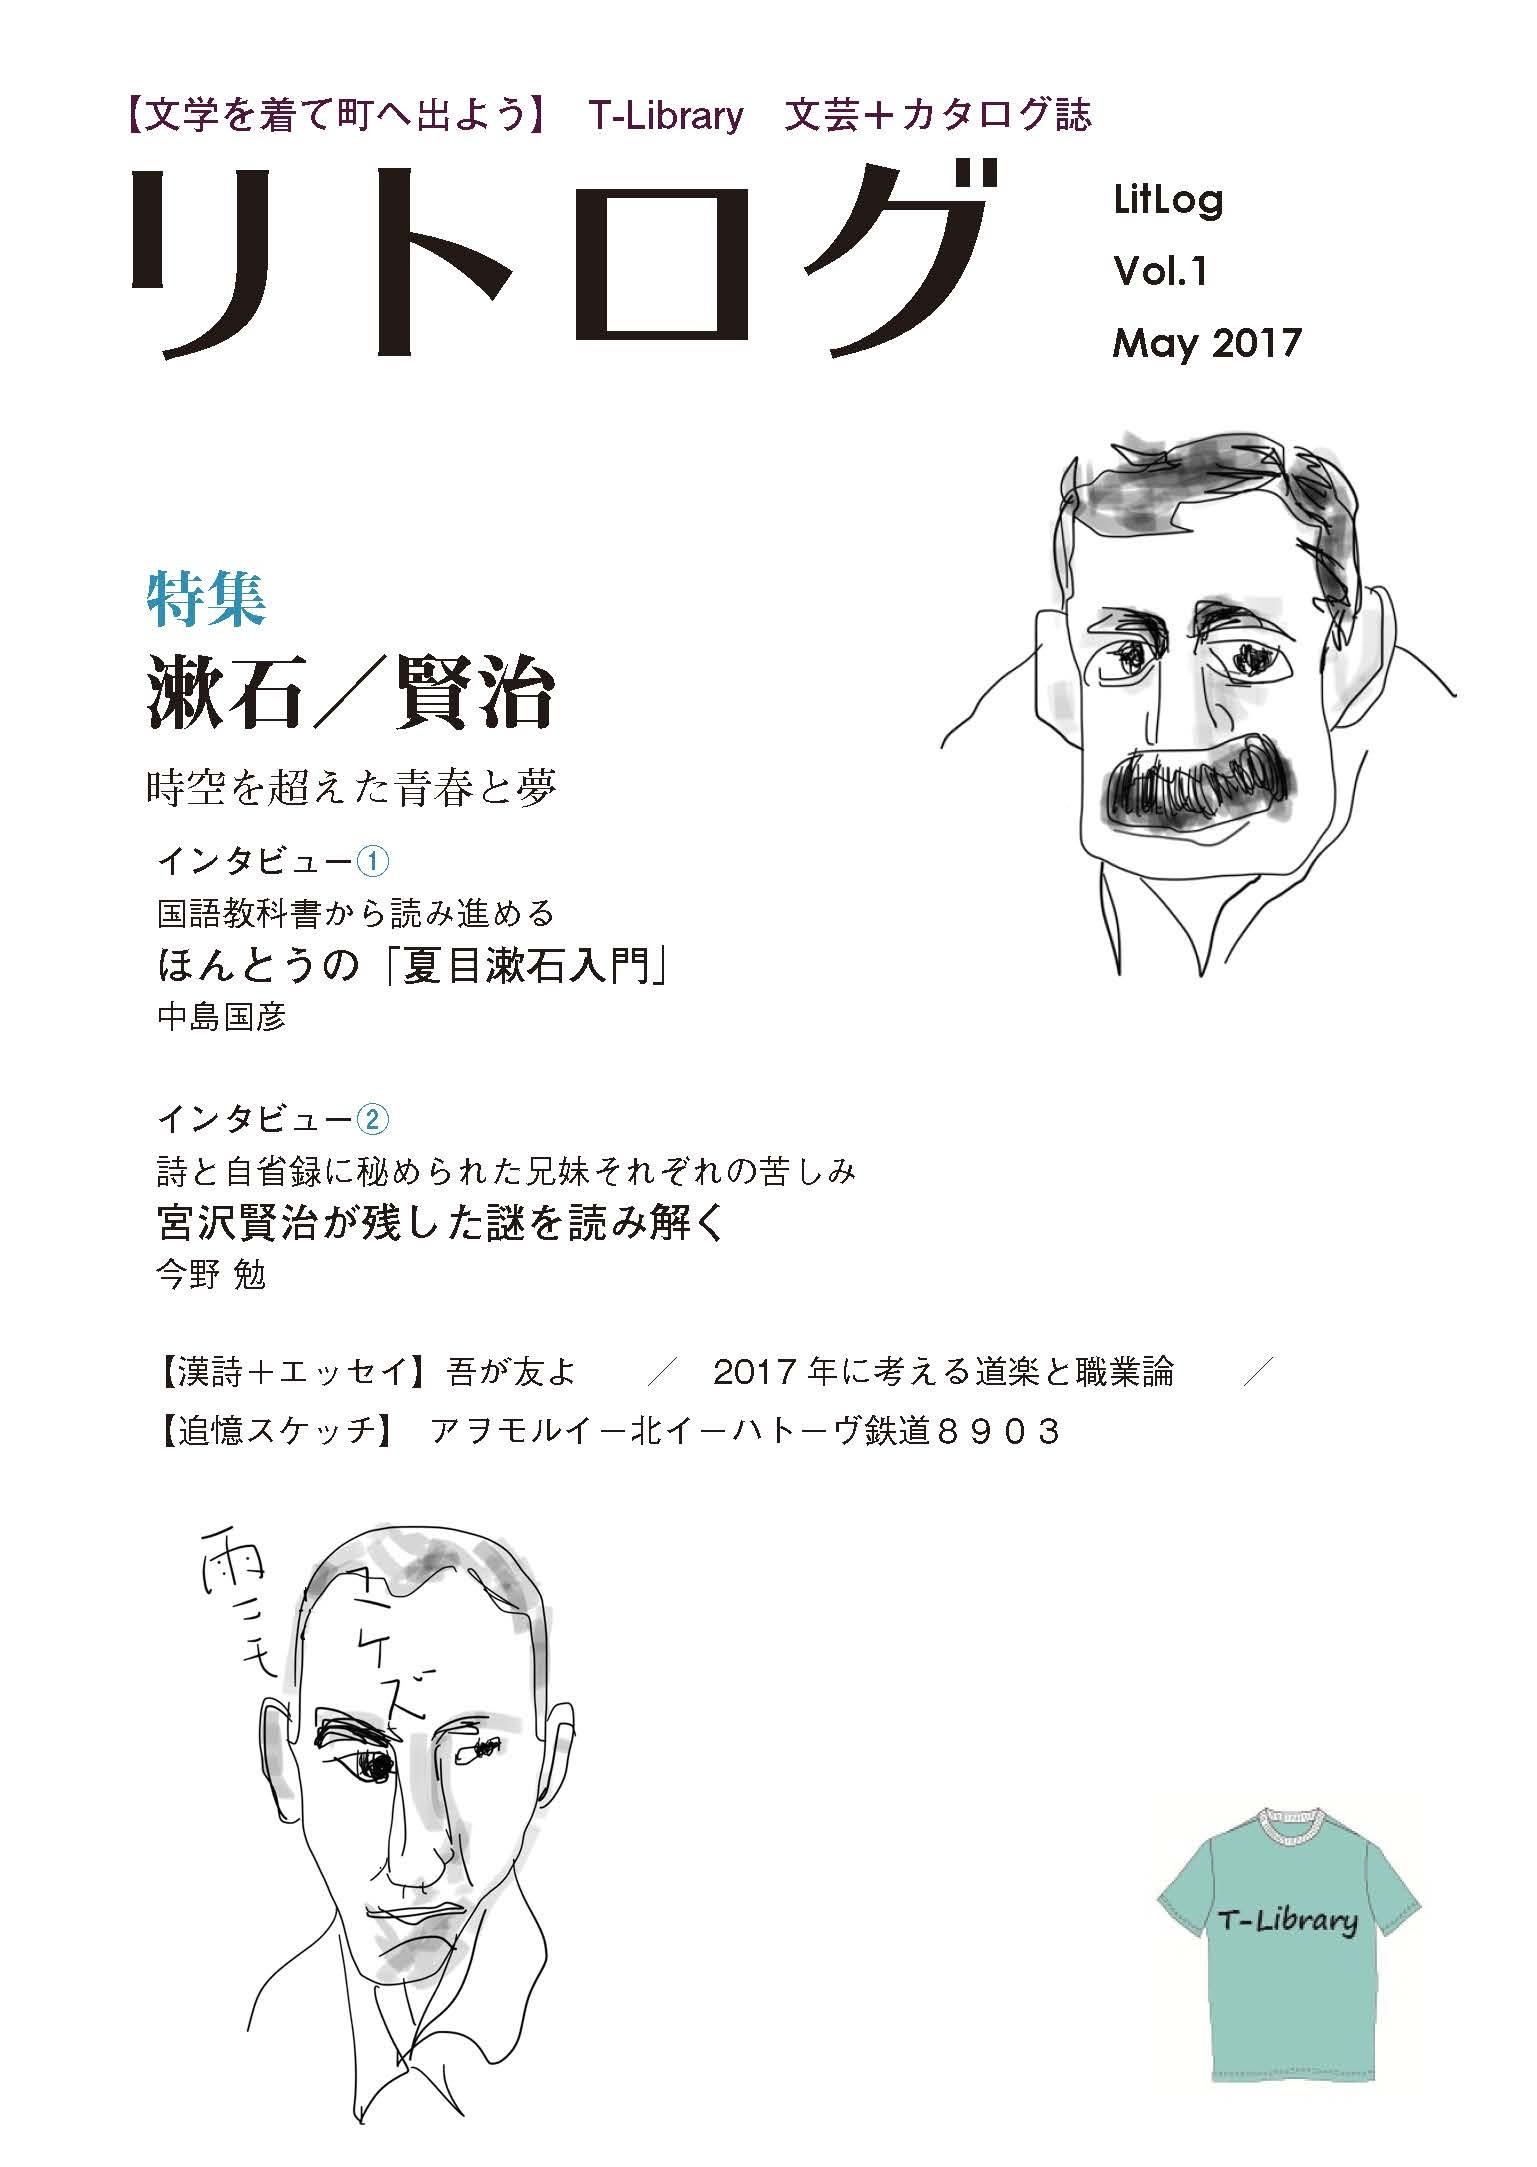 リトログ vol.1